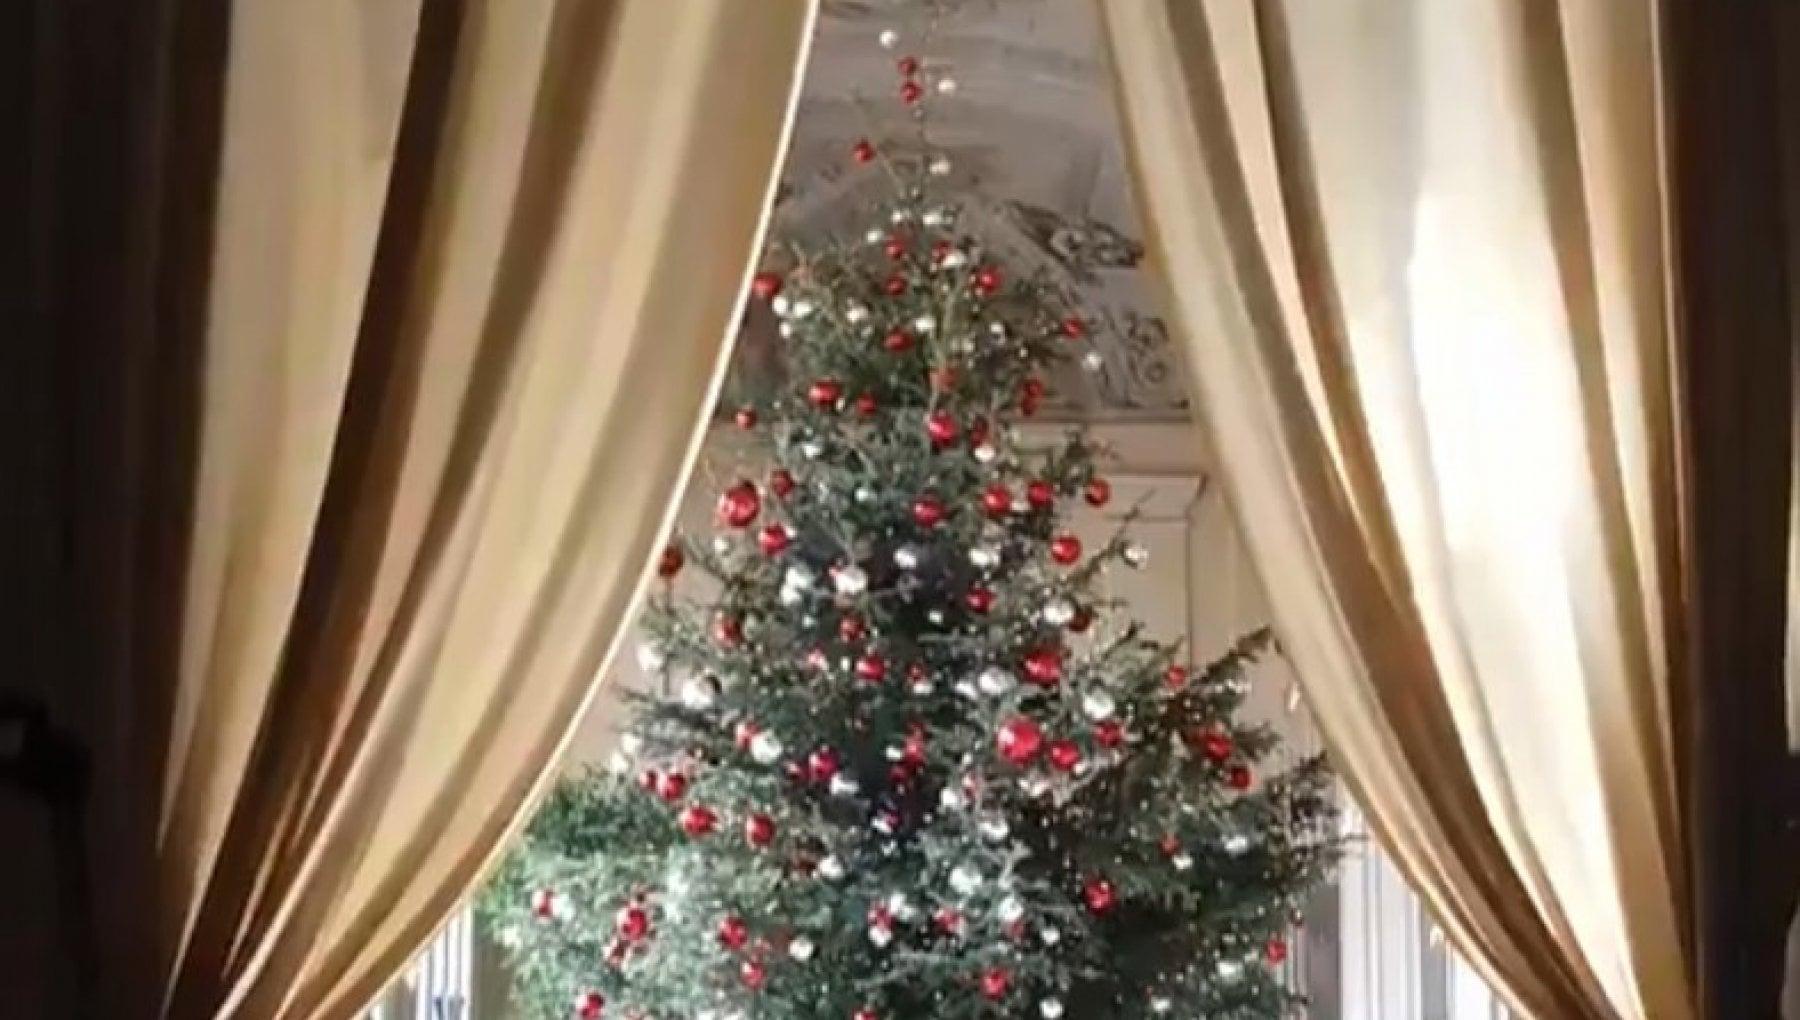 Lalbero di Mattarella il presepe di Meloni ecco gli auguri di Natale di politici e istituzioni